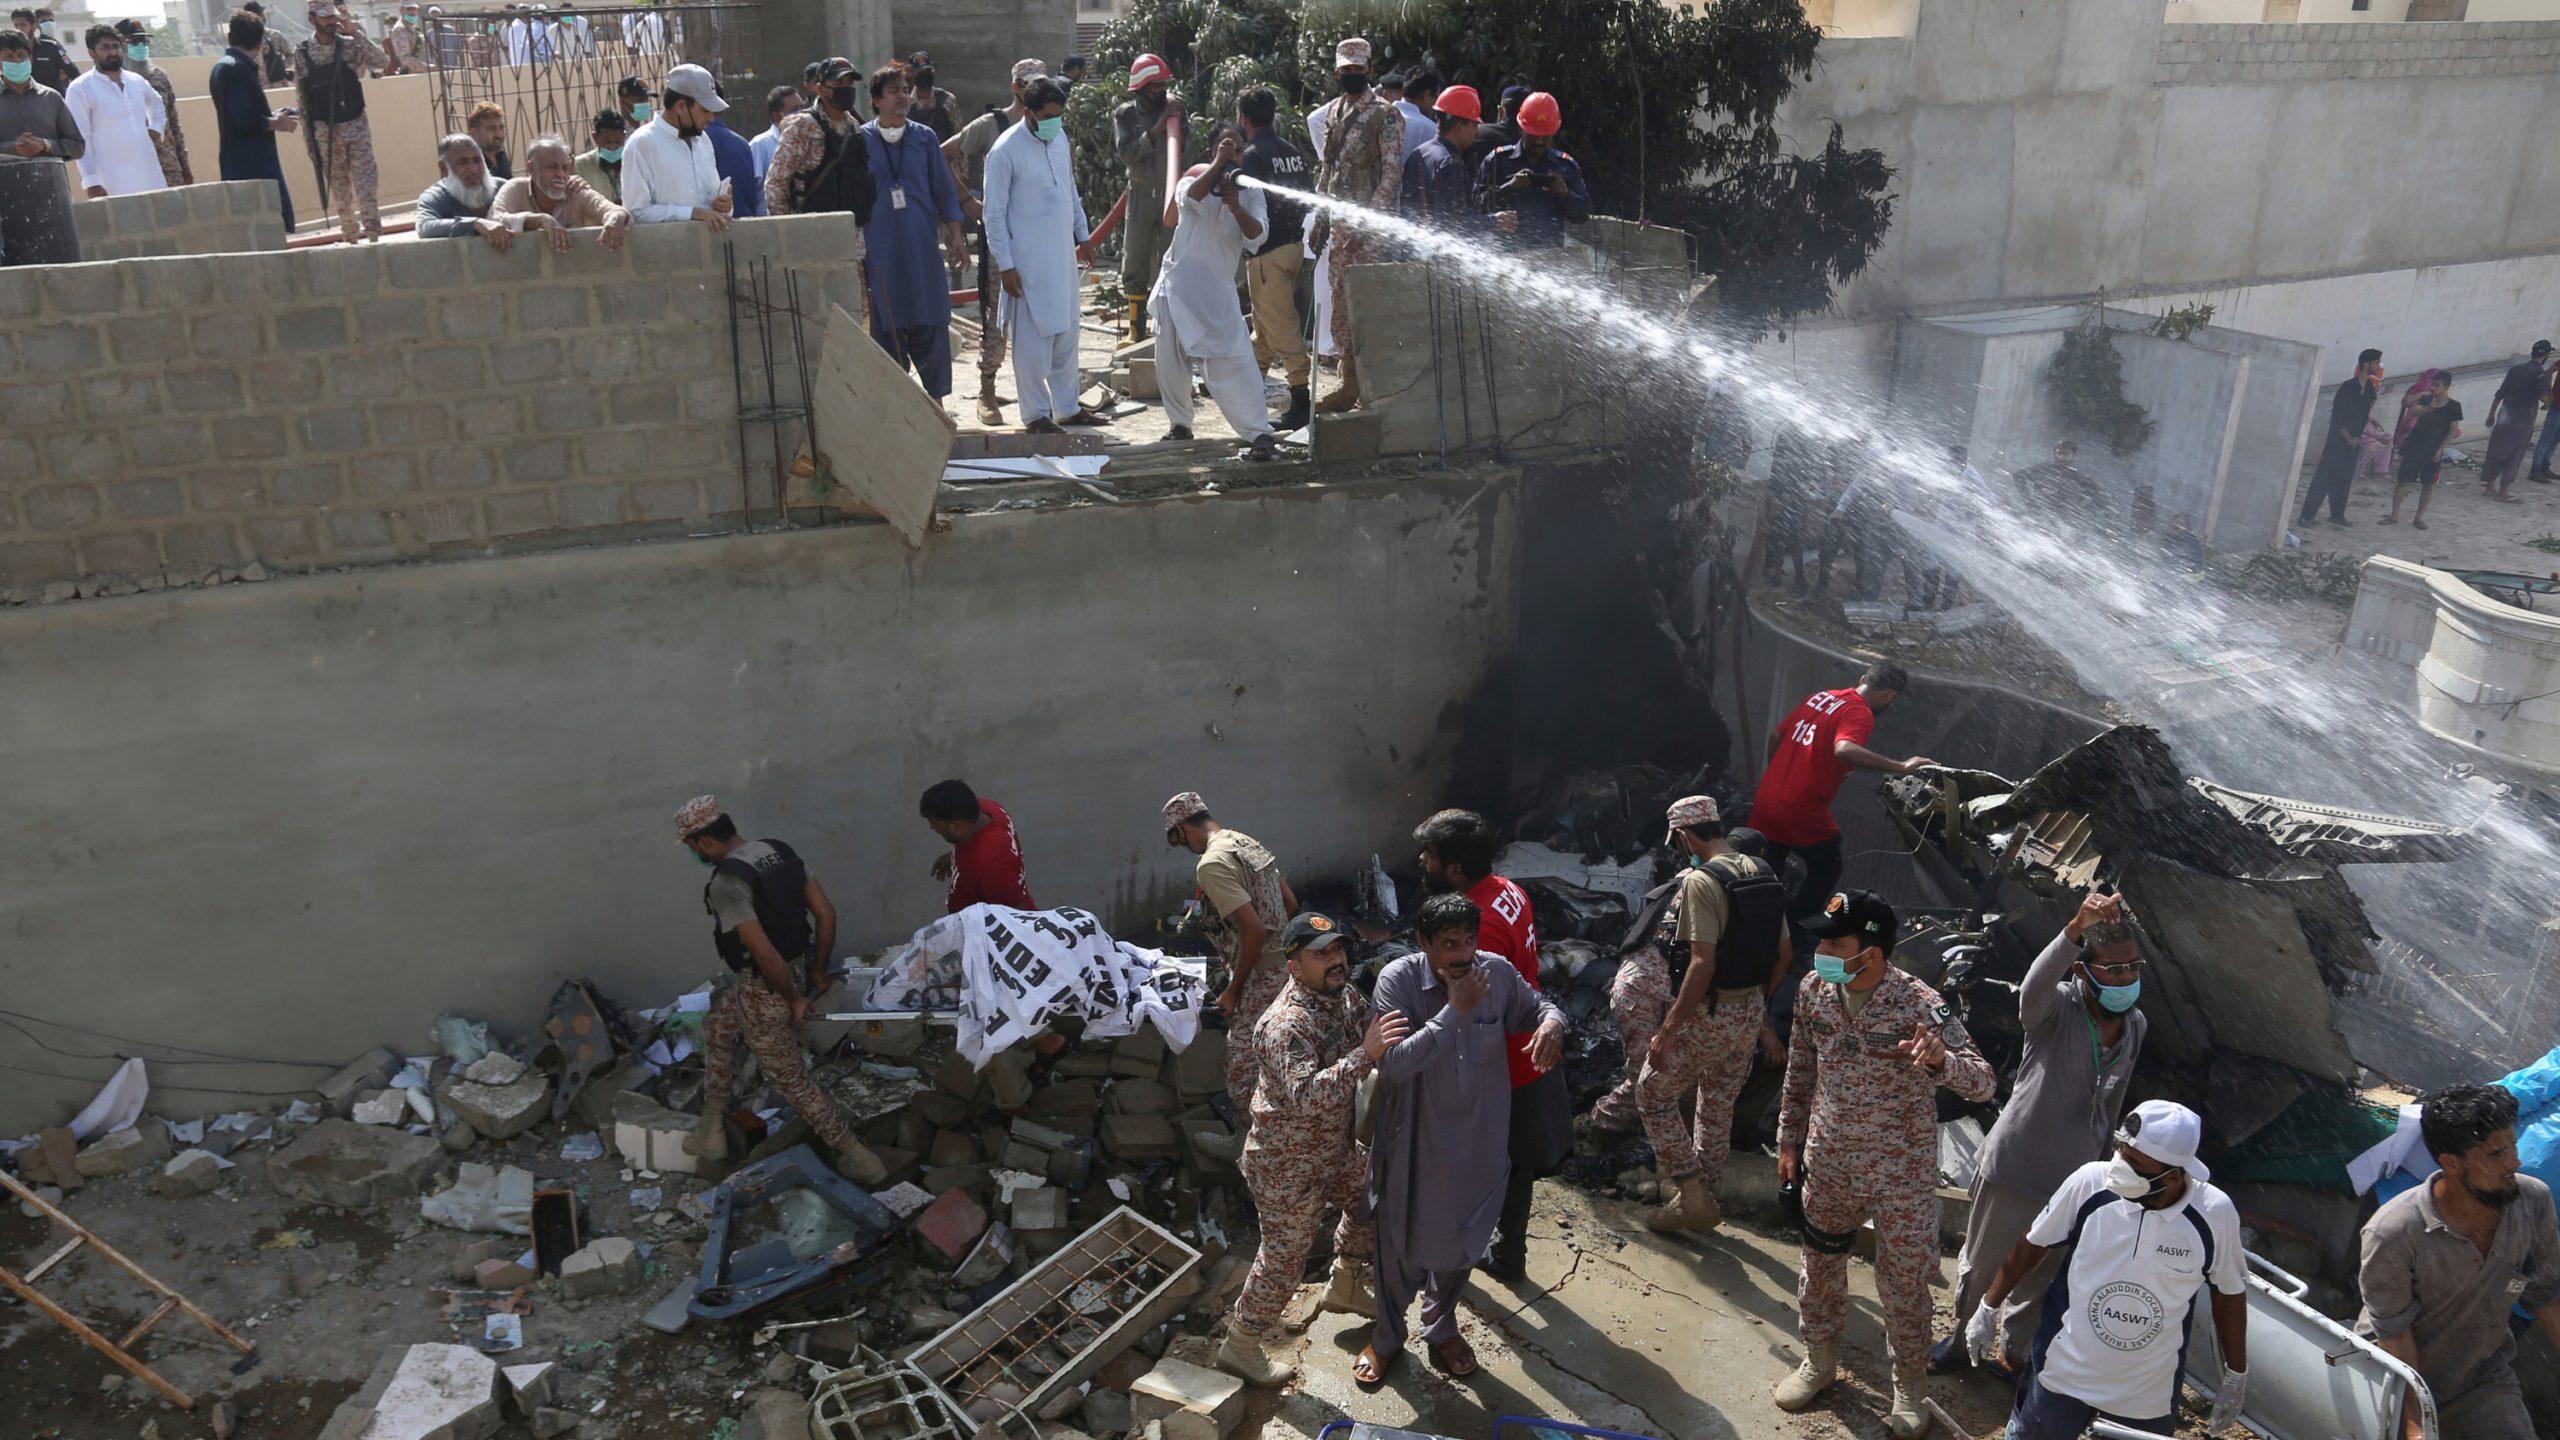 पाकिस्तान जहाज दुर्घटना: चमत्कारिक रुपमा बाँचेका यात्रु यसो भन्छन्